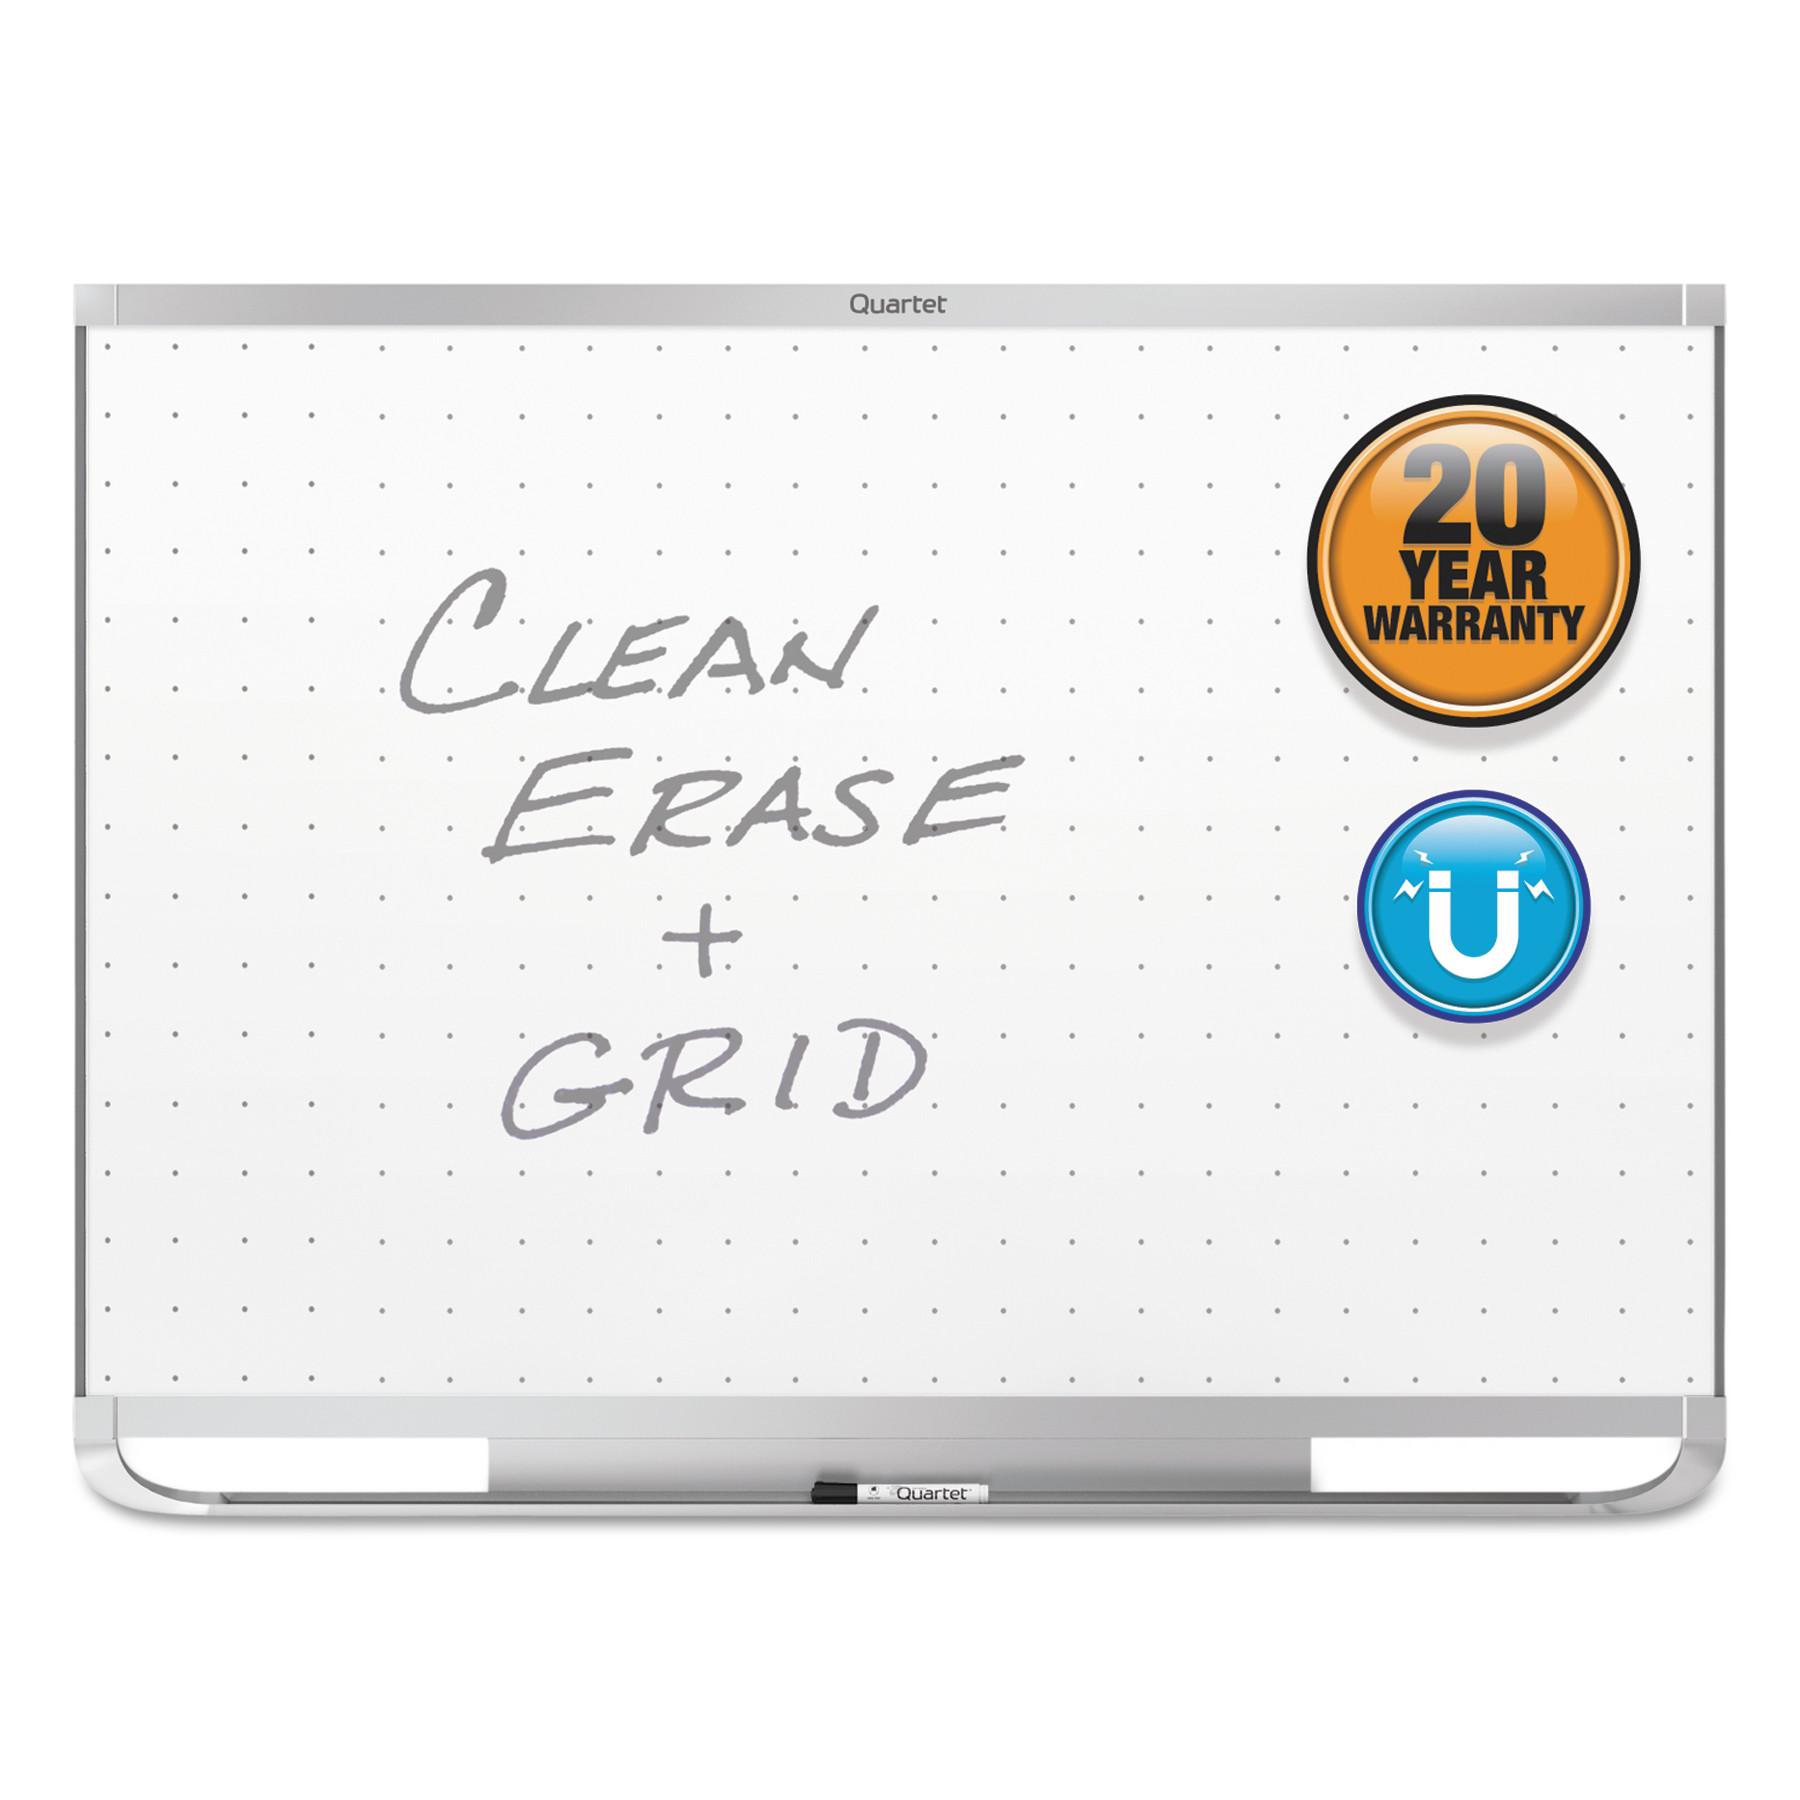 Quartet Prestige 2 Magnetic Total Erase Whiteboard, 48 x 36, Aluminum Frame -QRTTEM544A